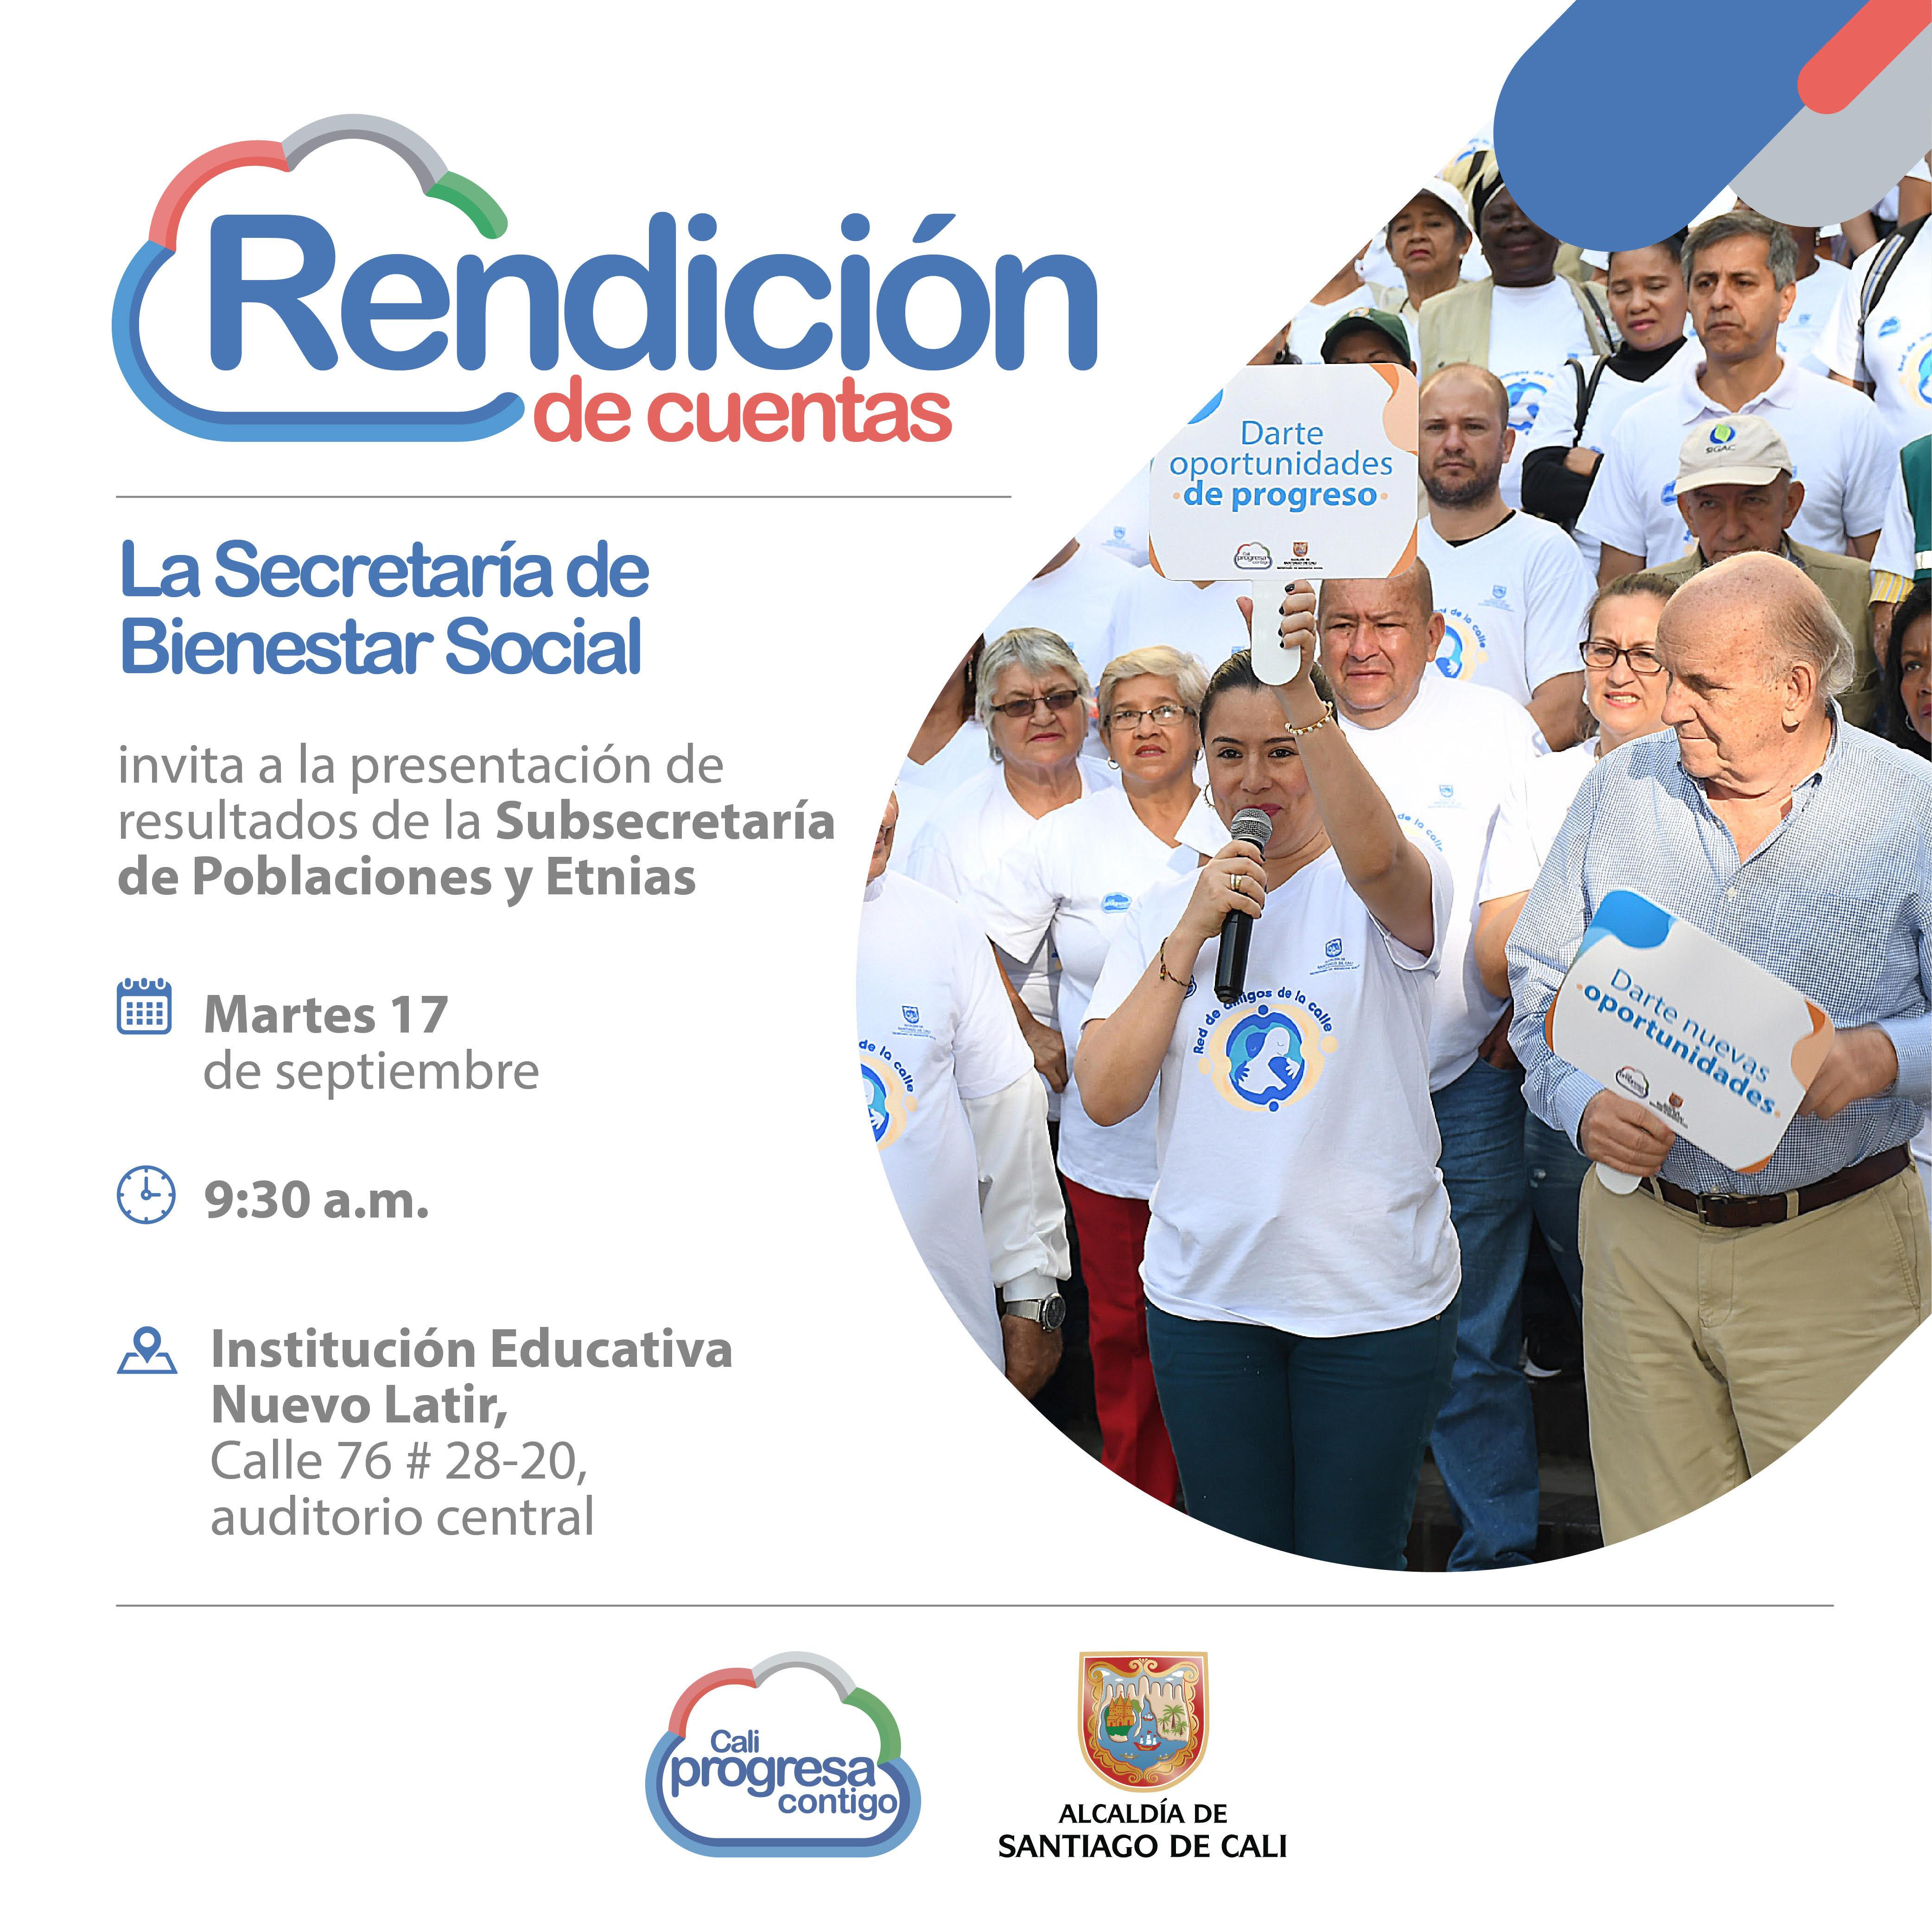 Este martes la Secretaría de Bienestar Social rendirá cuentas sobre la gestión por las poblaciones y etnias de Cali